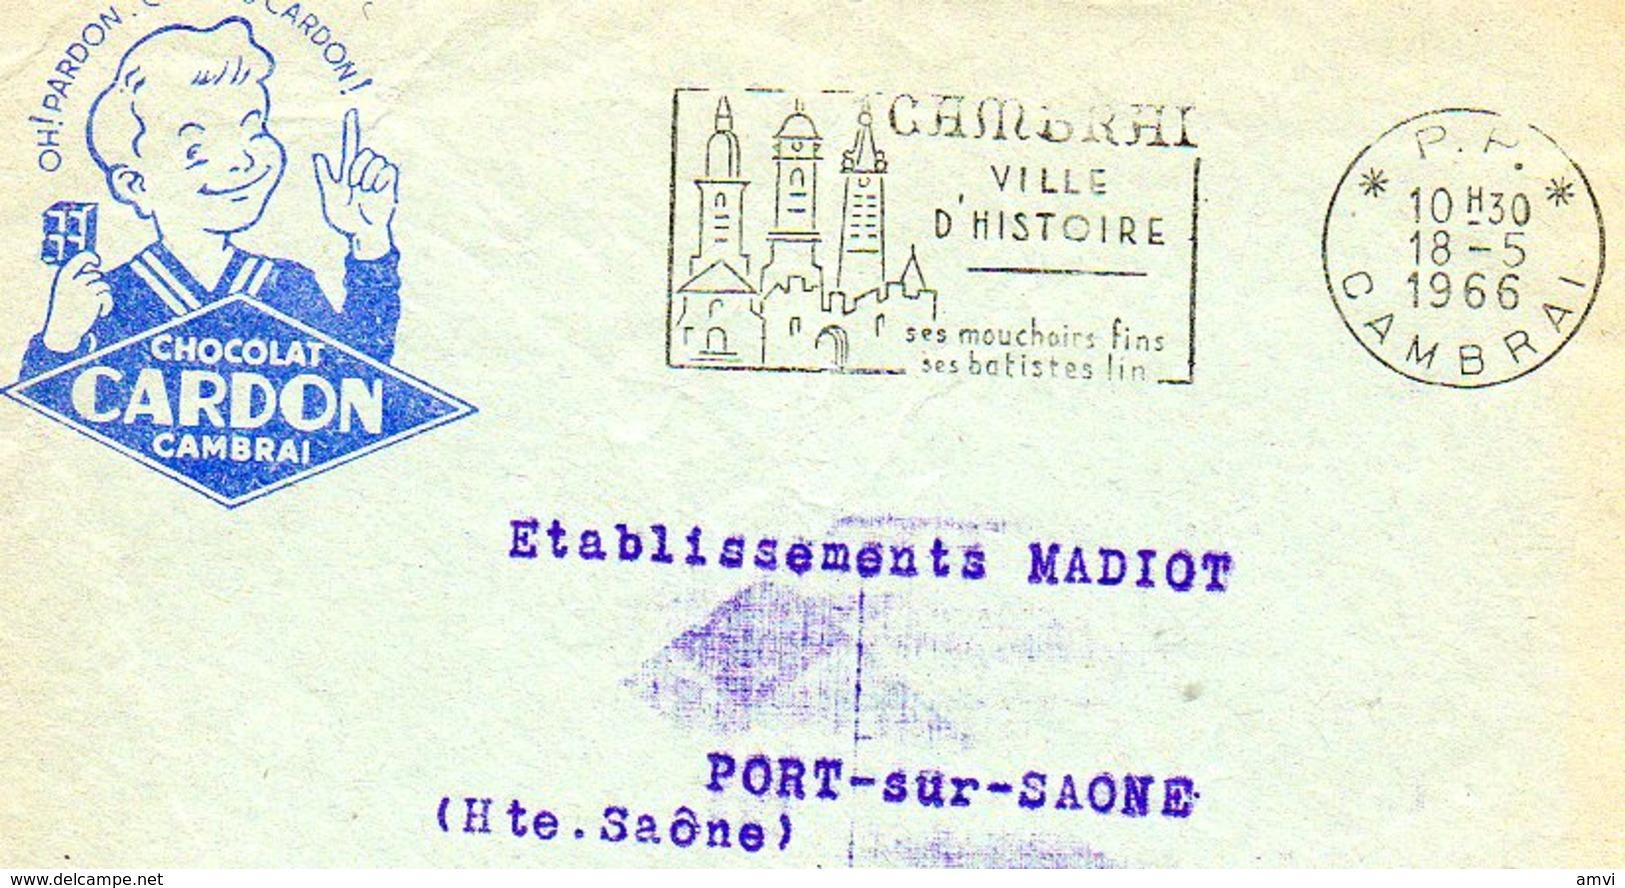 B001 - Devant De Lettre 1966 Cambrai Chocolat CARDON - Cachet Cambrai - Marcophilie (Lettres)